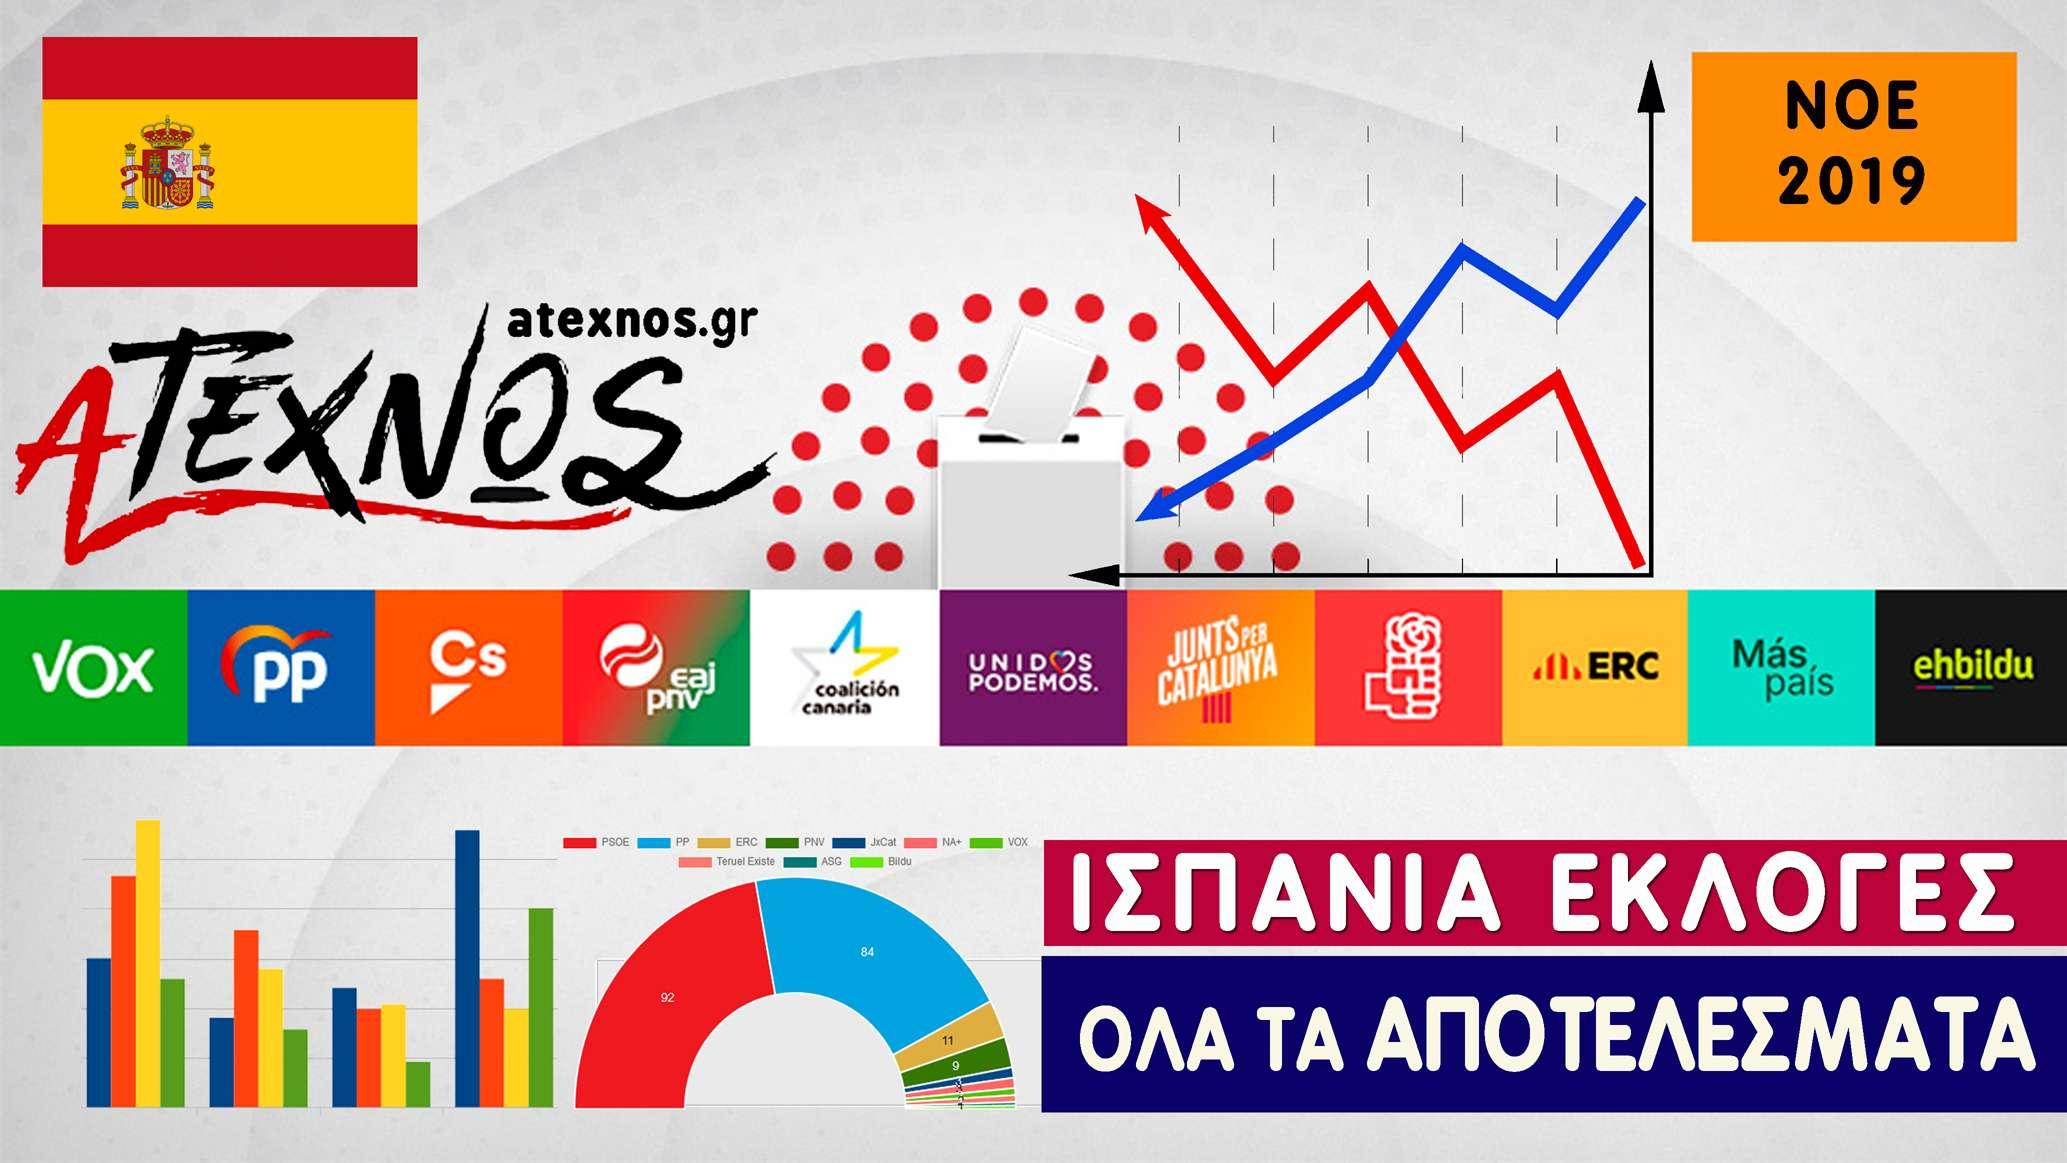 Ισπανία –  εκλογές: Οι σοσιαλιστές πρώτοι, άνοδος της ακροδεξιάς – Όλα τα αποτελέσματα